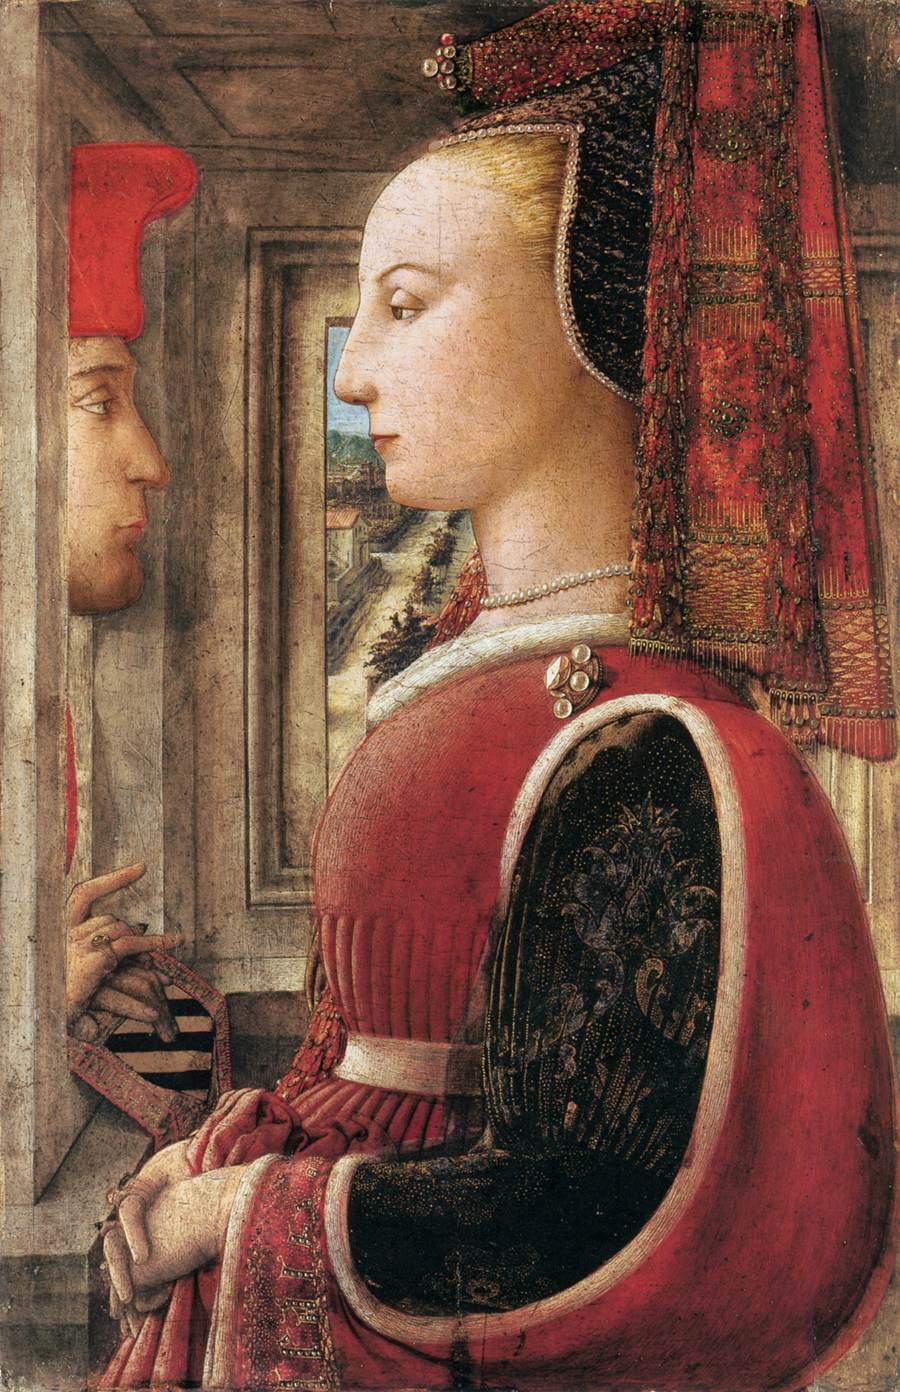 Filippo Lippi (Prato 1406 – Spoleto 1469), Portret van een vrouw en een man, tempera op paneel, The Metropolitan Museum of Art New York